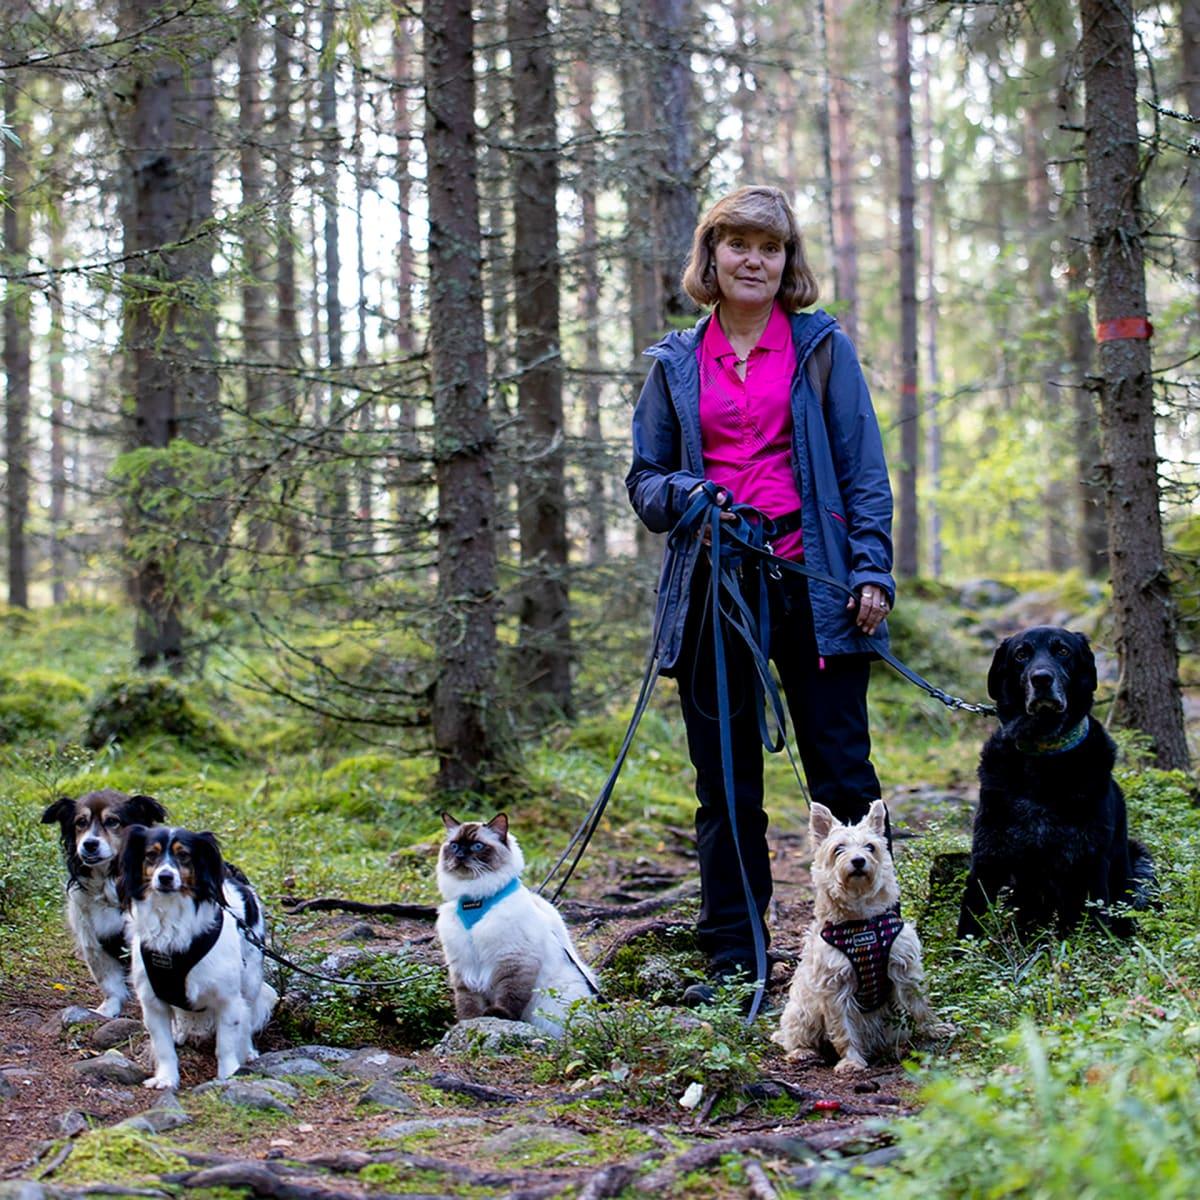 Tuula Ojala-Nurmi pitelee koirajengin ja reissukissa Pessin talutushihnoja metsässä polulla. Jaloissa istuu neljä koiraa ja Pessi-kissa.